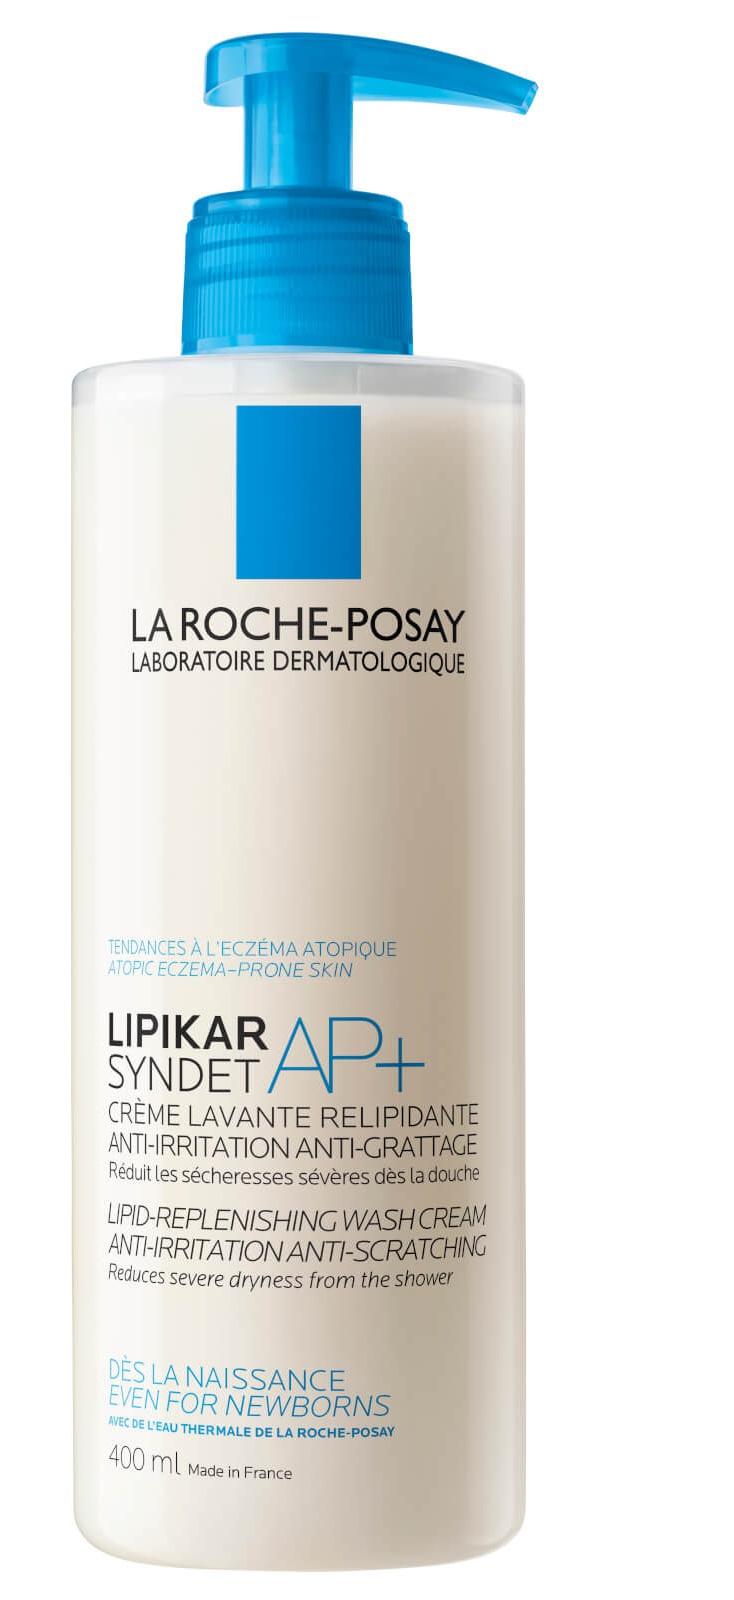 La Roche-Posay Lipikar Syndet AP+ Shower Gel